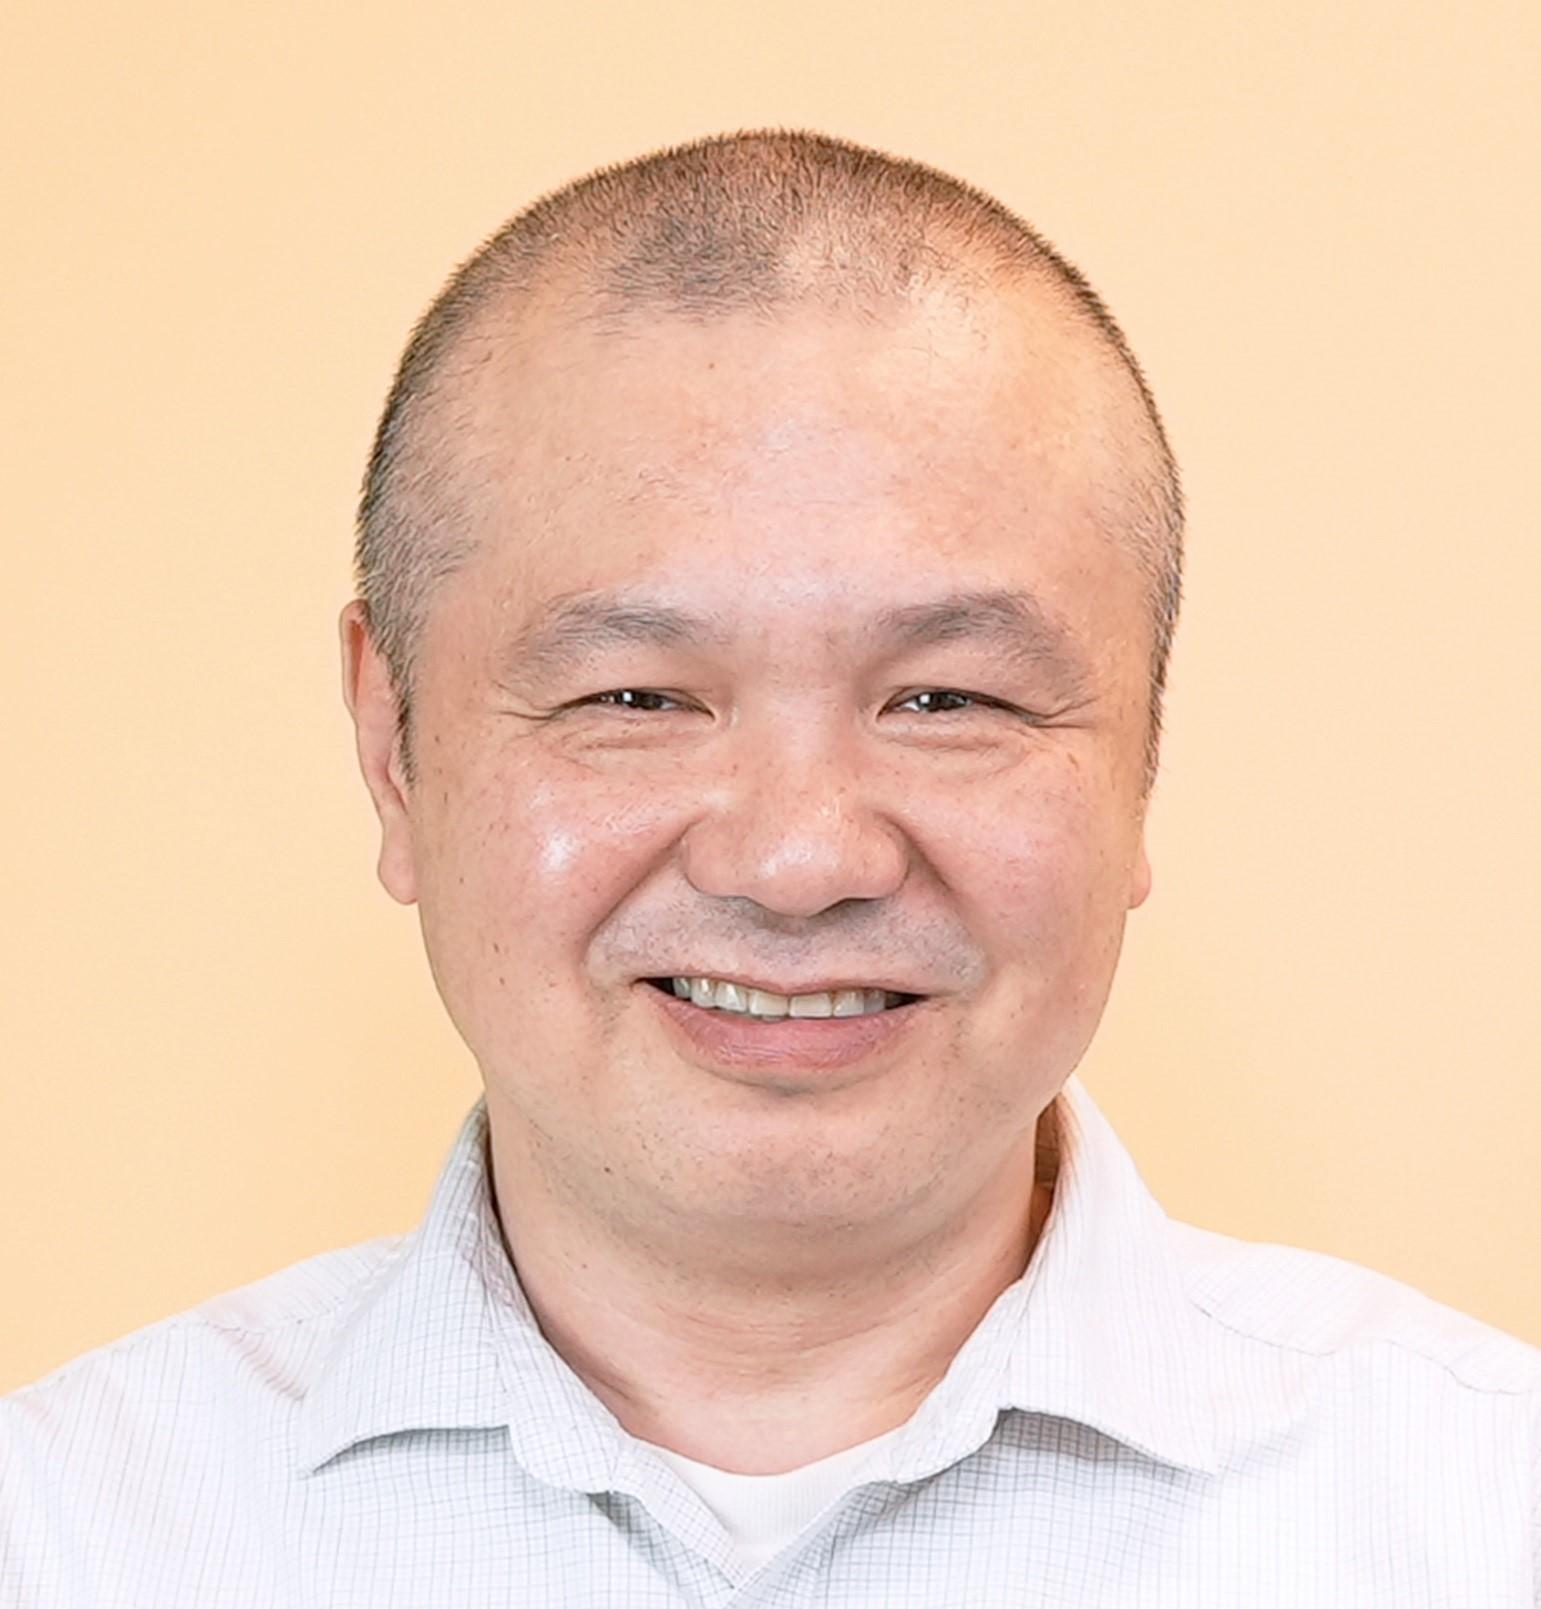 Taro Abe